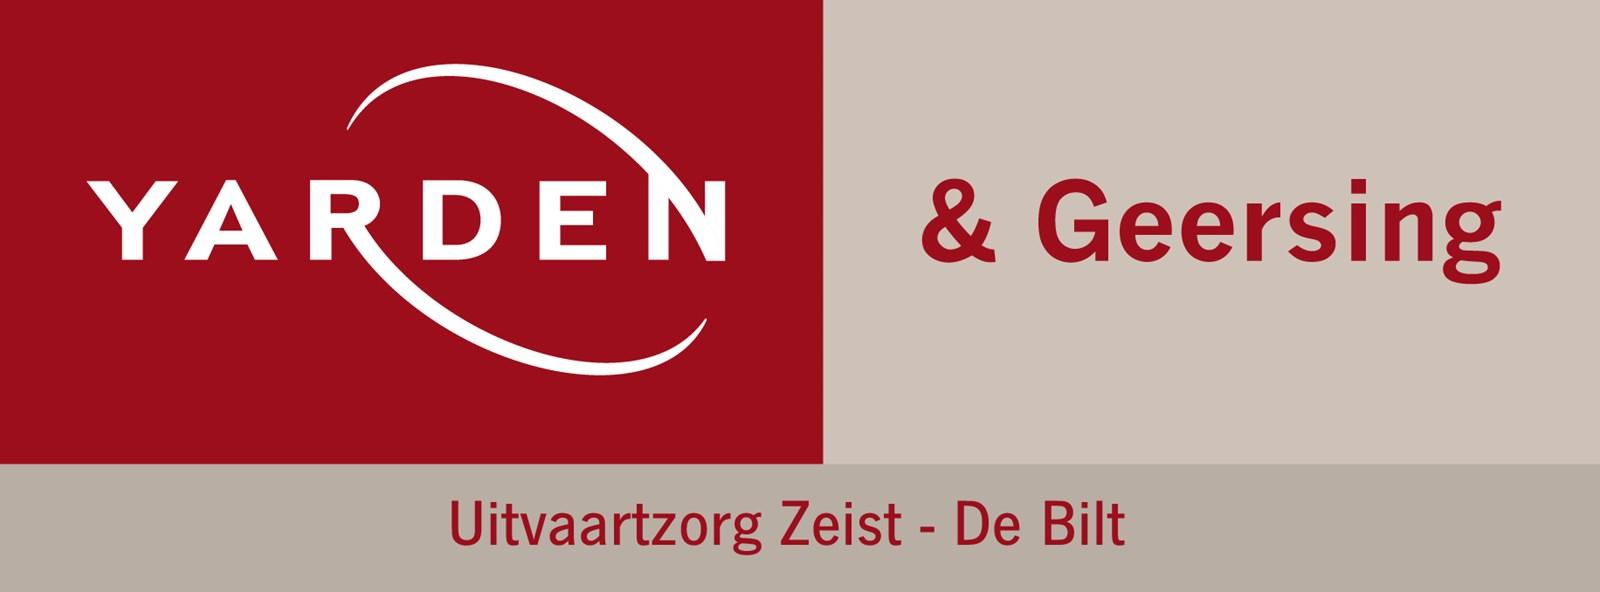 Logo van Yarden & Geersing Uitvaartzorg Zeist-De Bilt